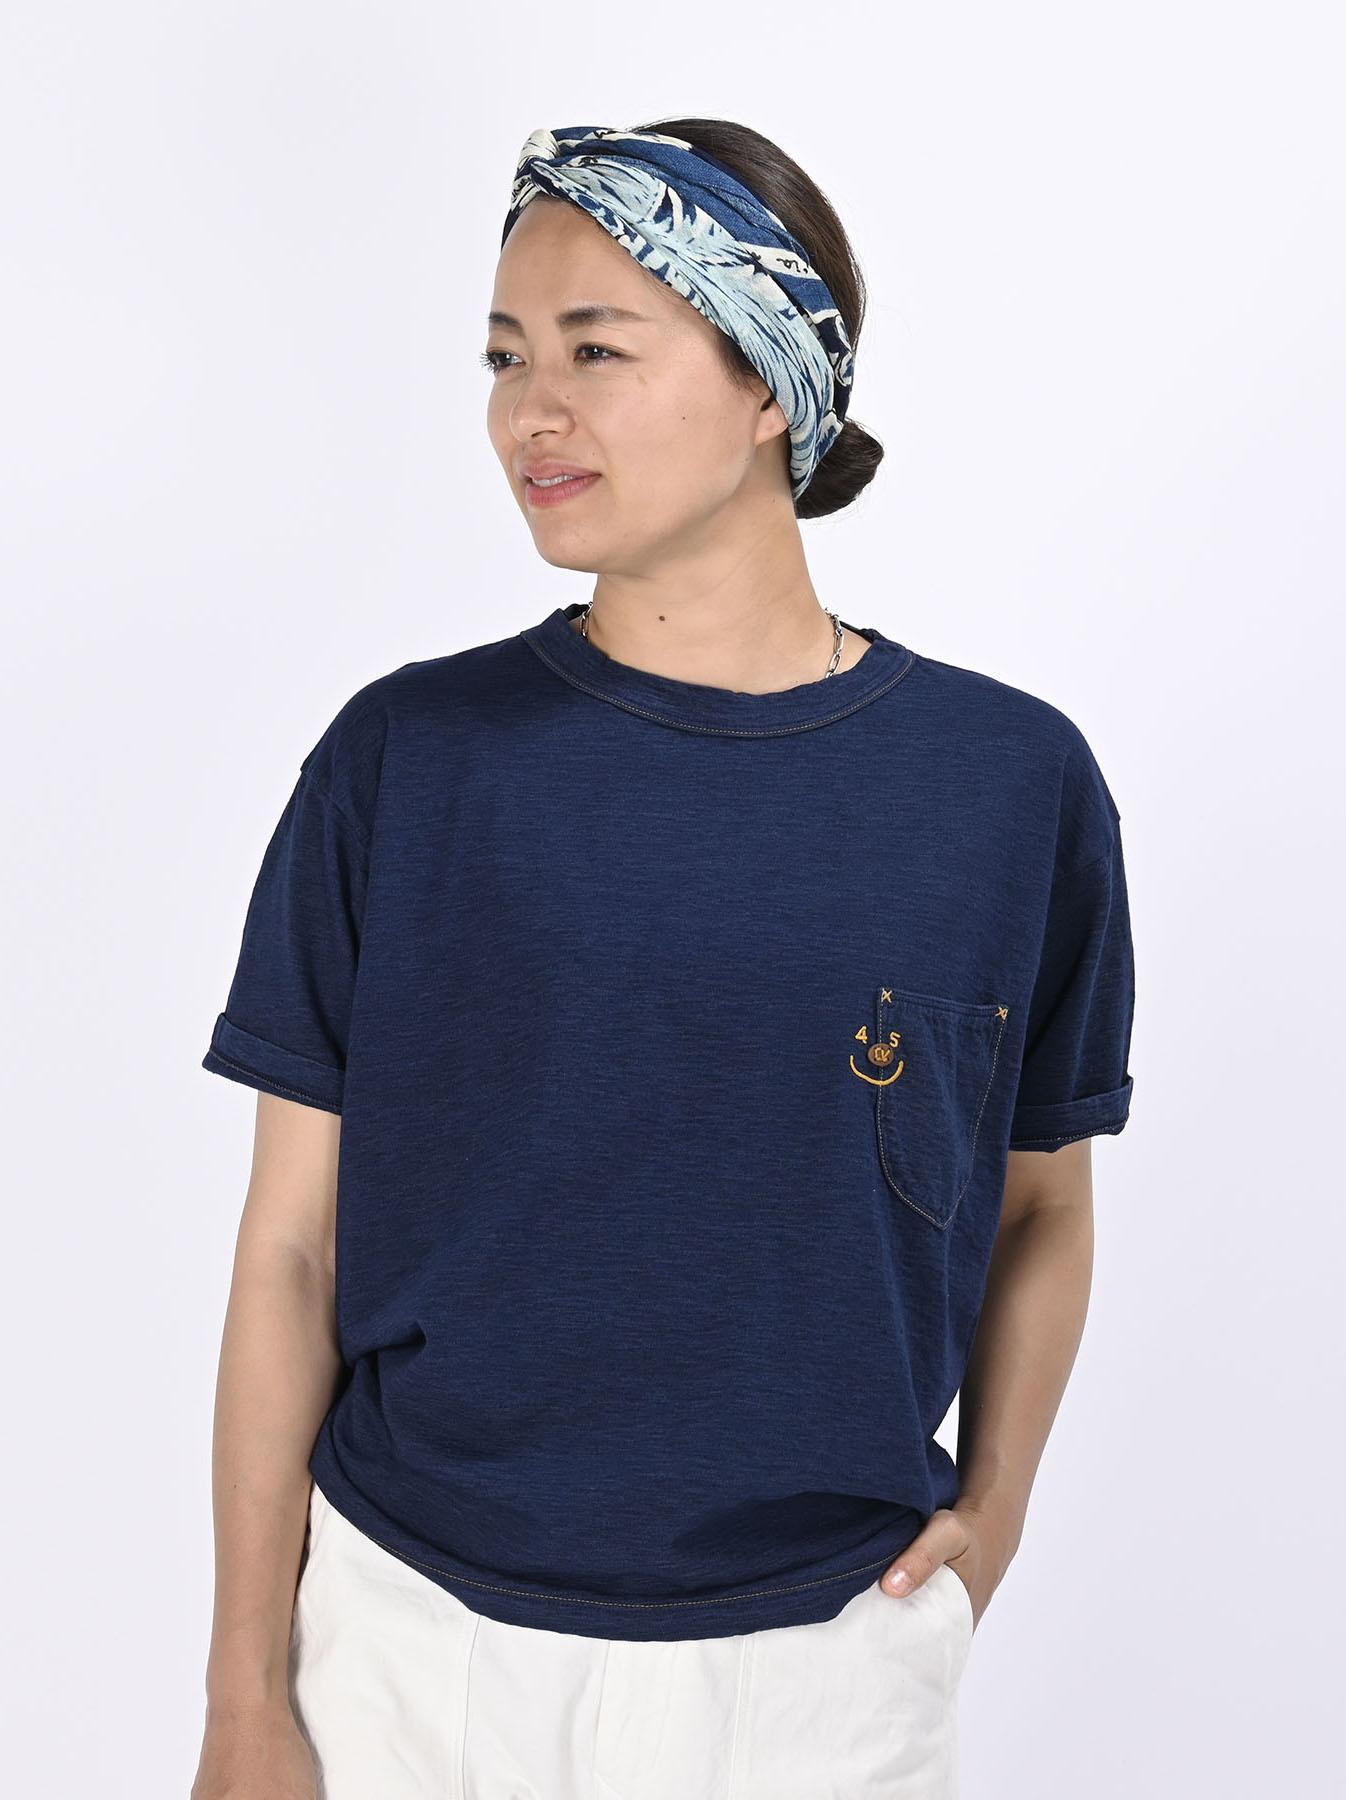 Indigo Smile R Embroidery 908 Ocean T-shirt (0621)-3